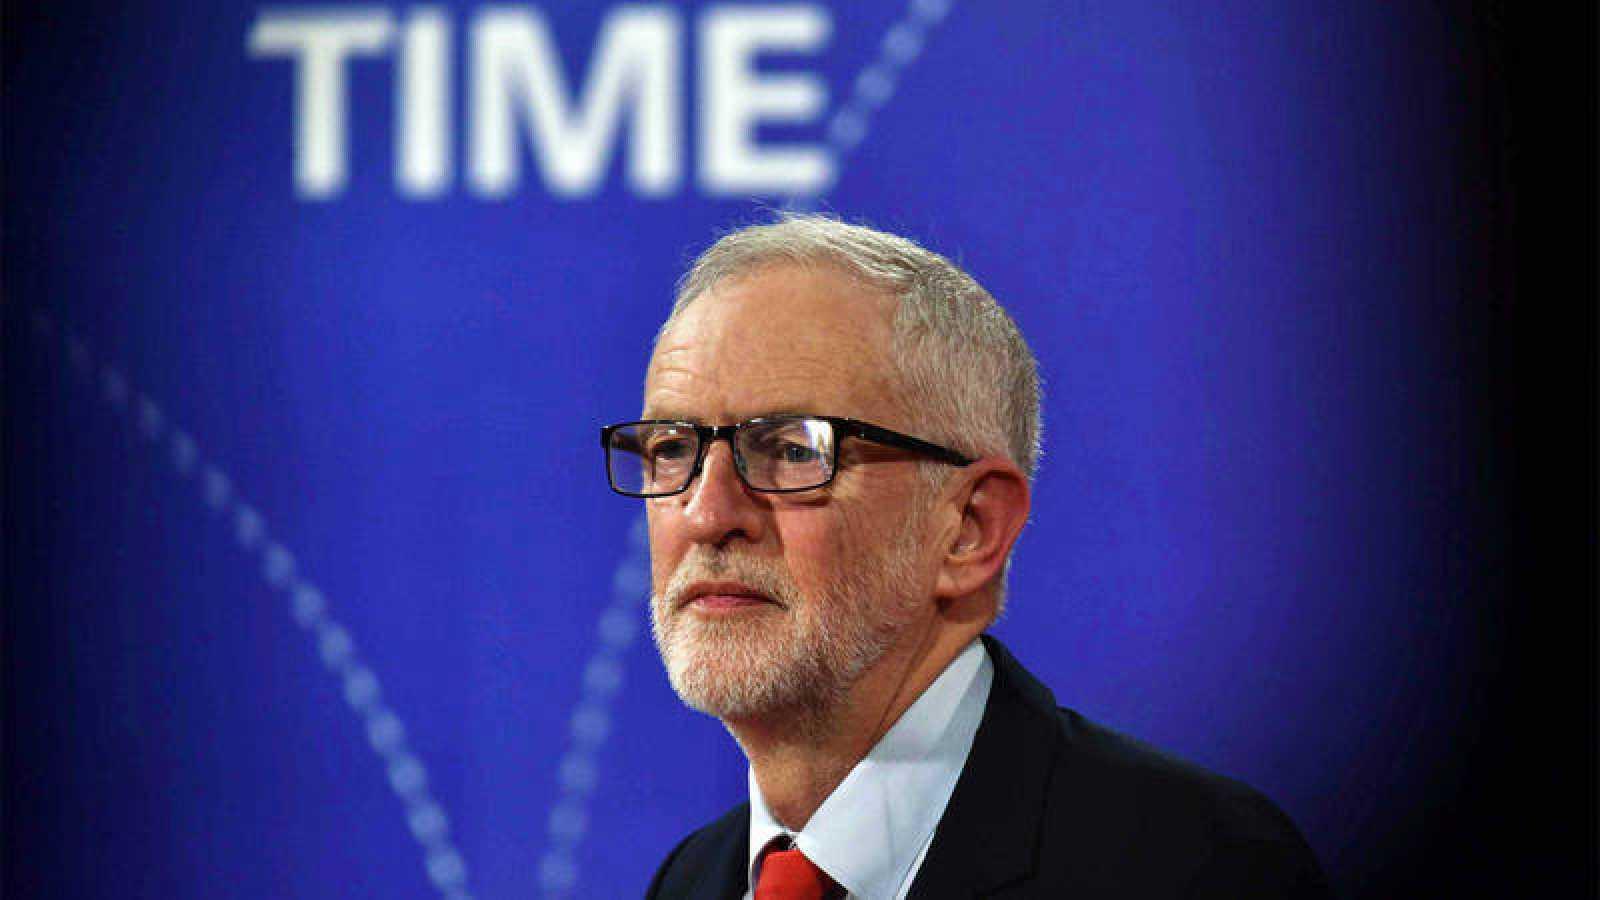 El líder del Partido Laborista, Jeremy Corbyn, en la BBC